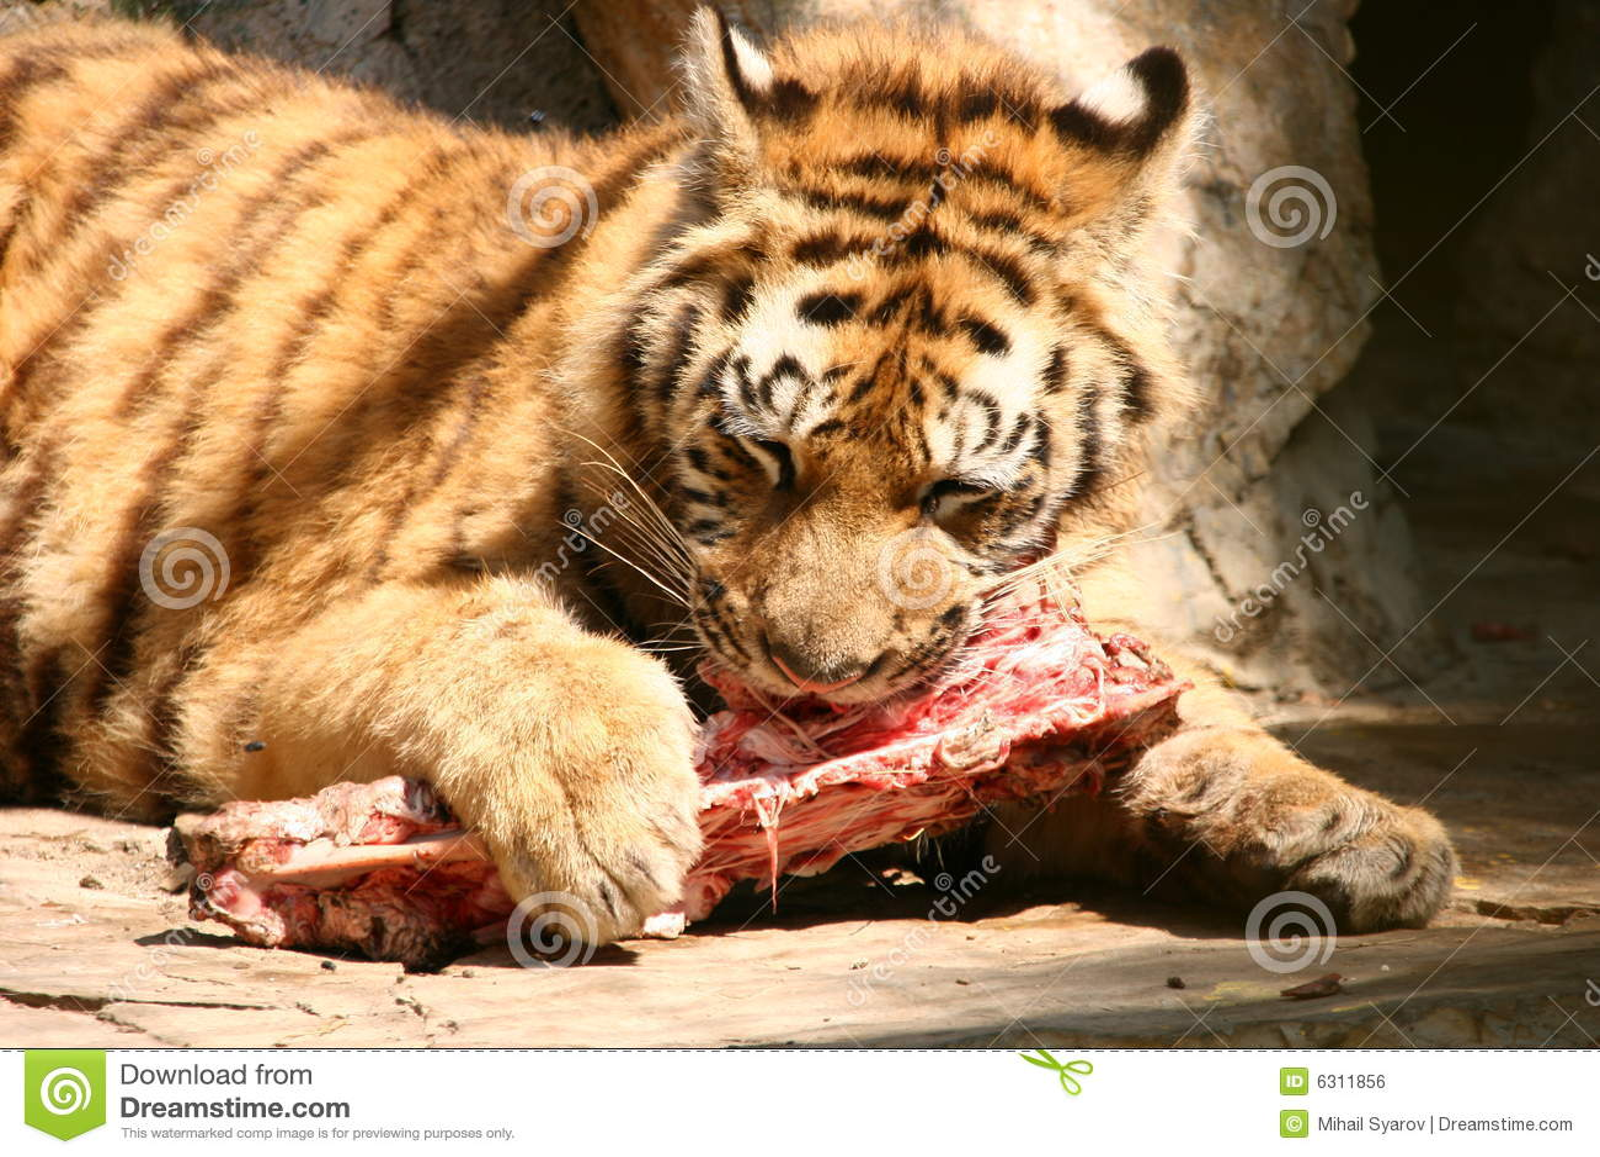 tijger eet man op